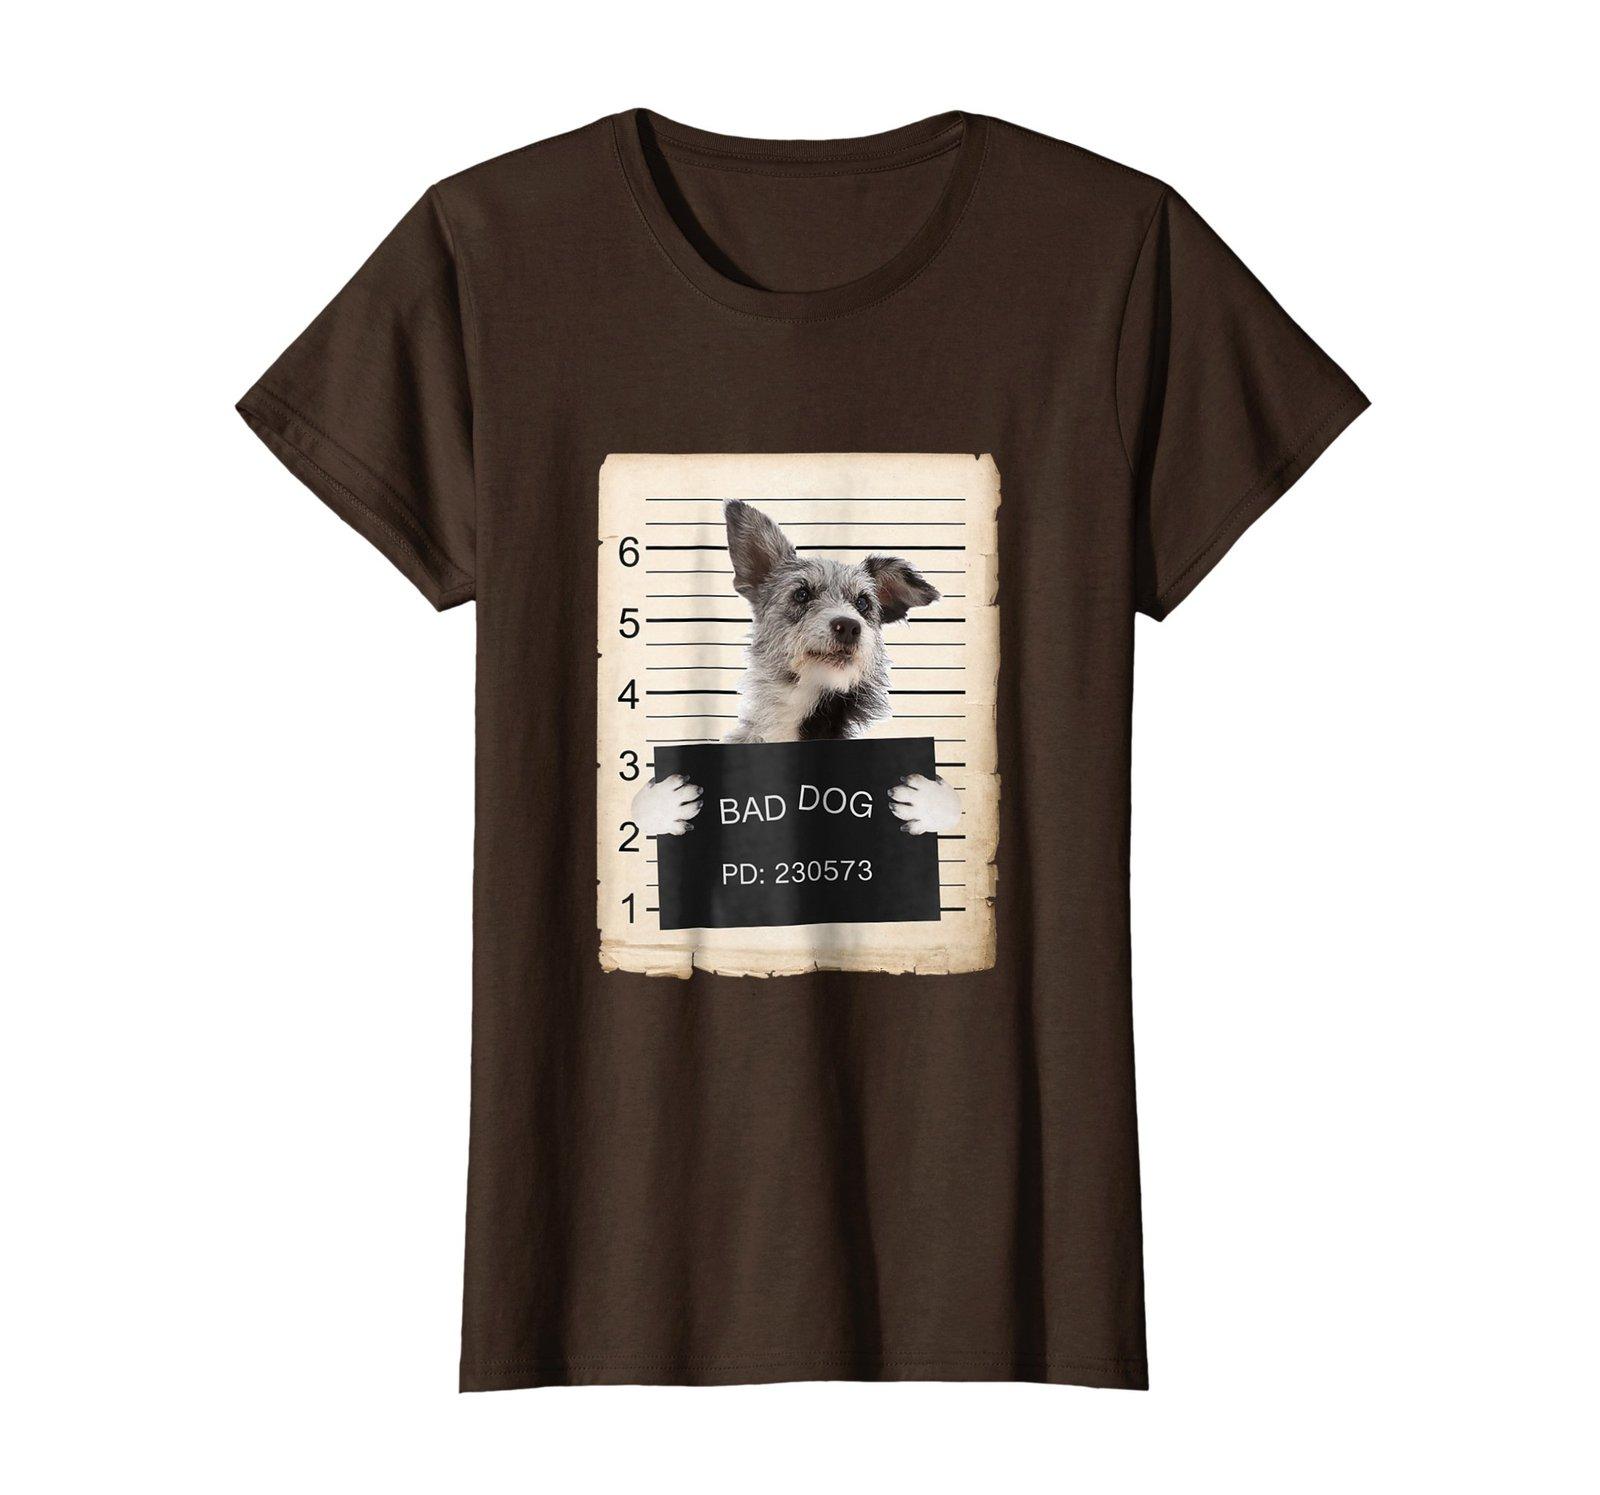 Australian Cattle Dog mug shot bad dog Shirt